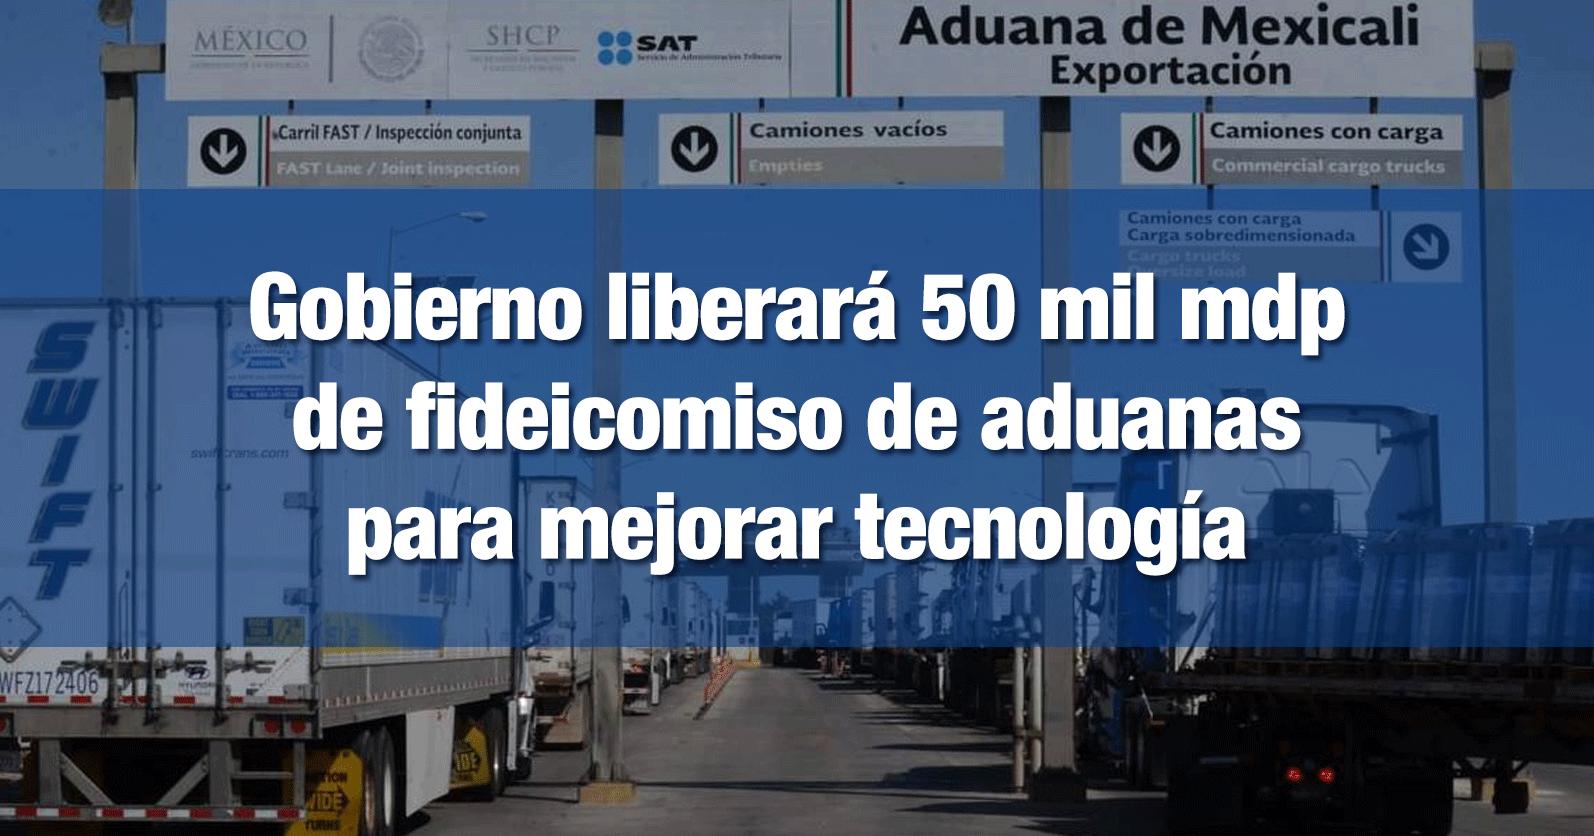 Gobierno liberará 50 mil mdp de fideicomiso de aduanas para mejorar tecnología